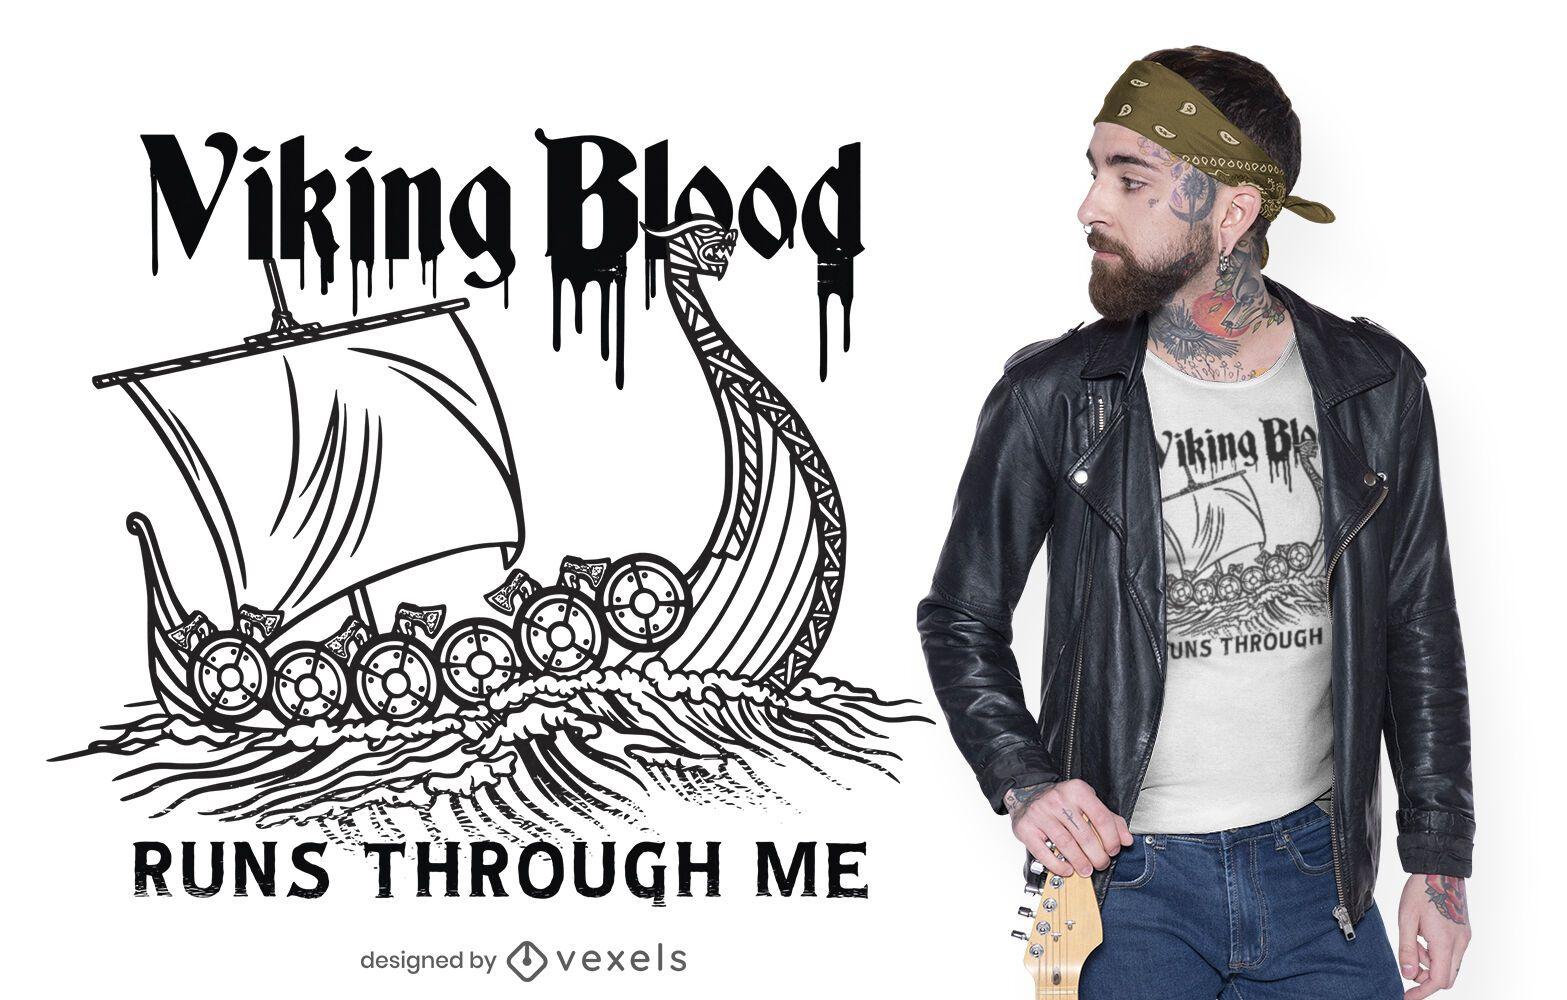 Viking blood t-shirt design